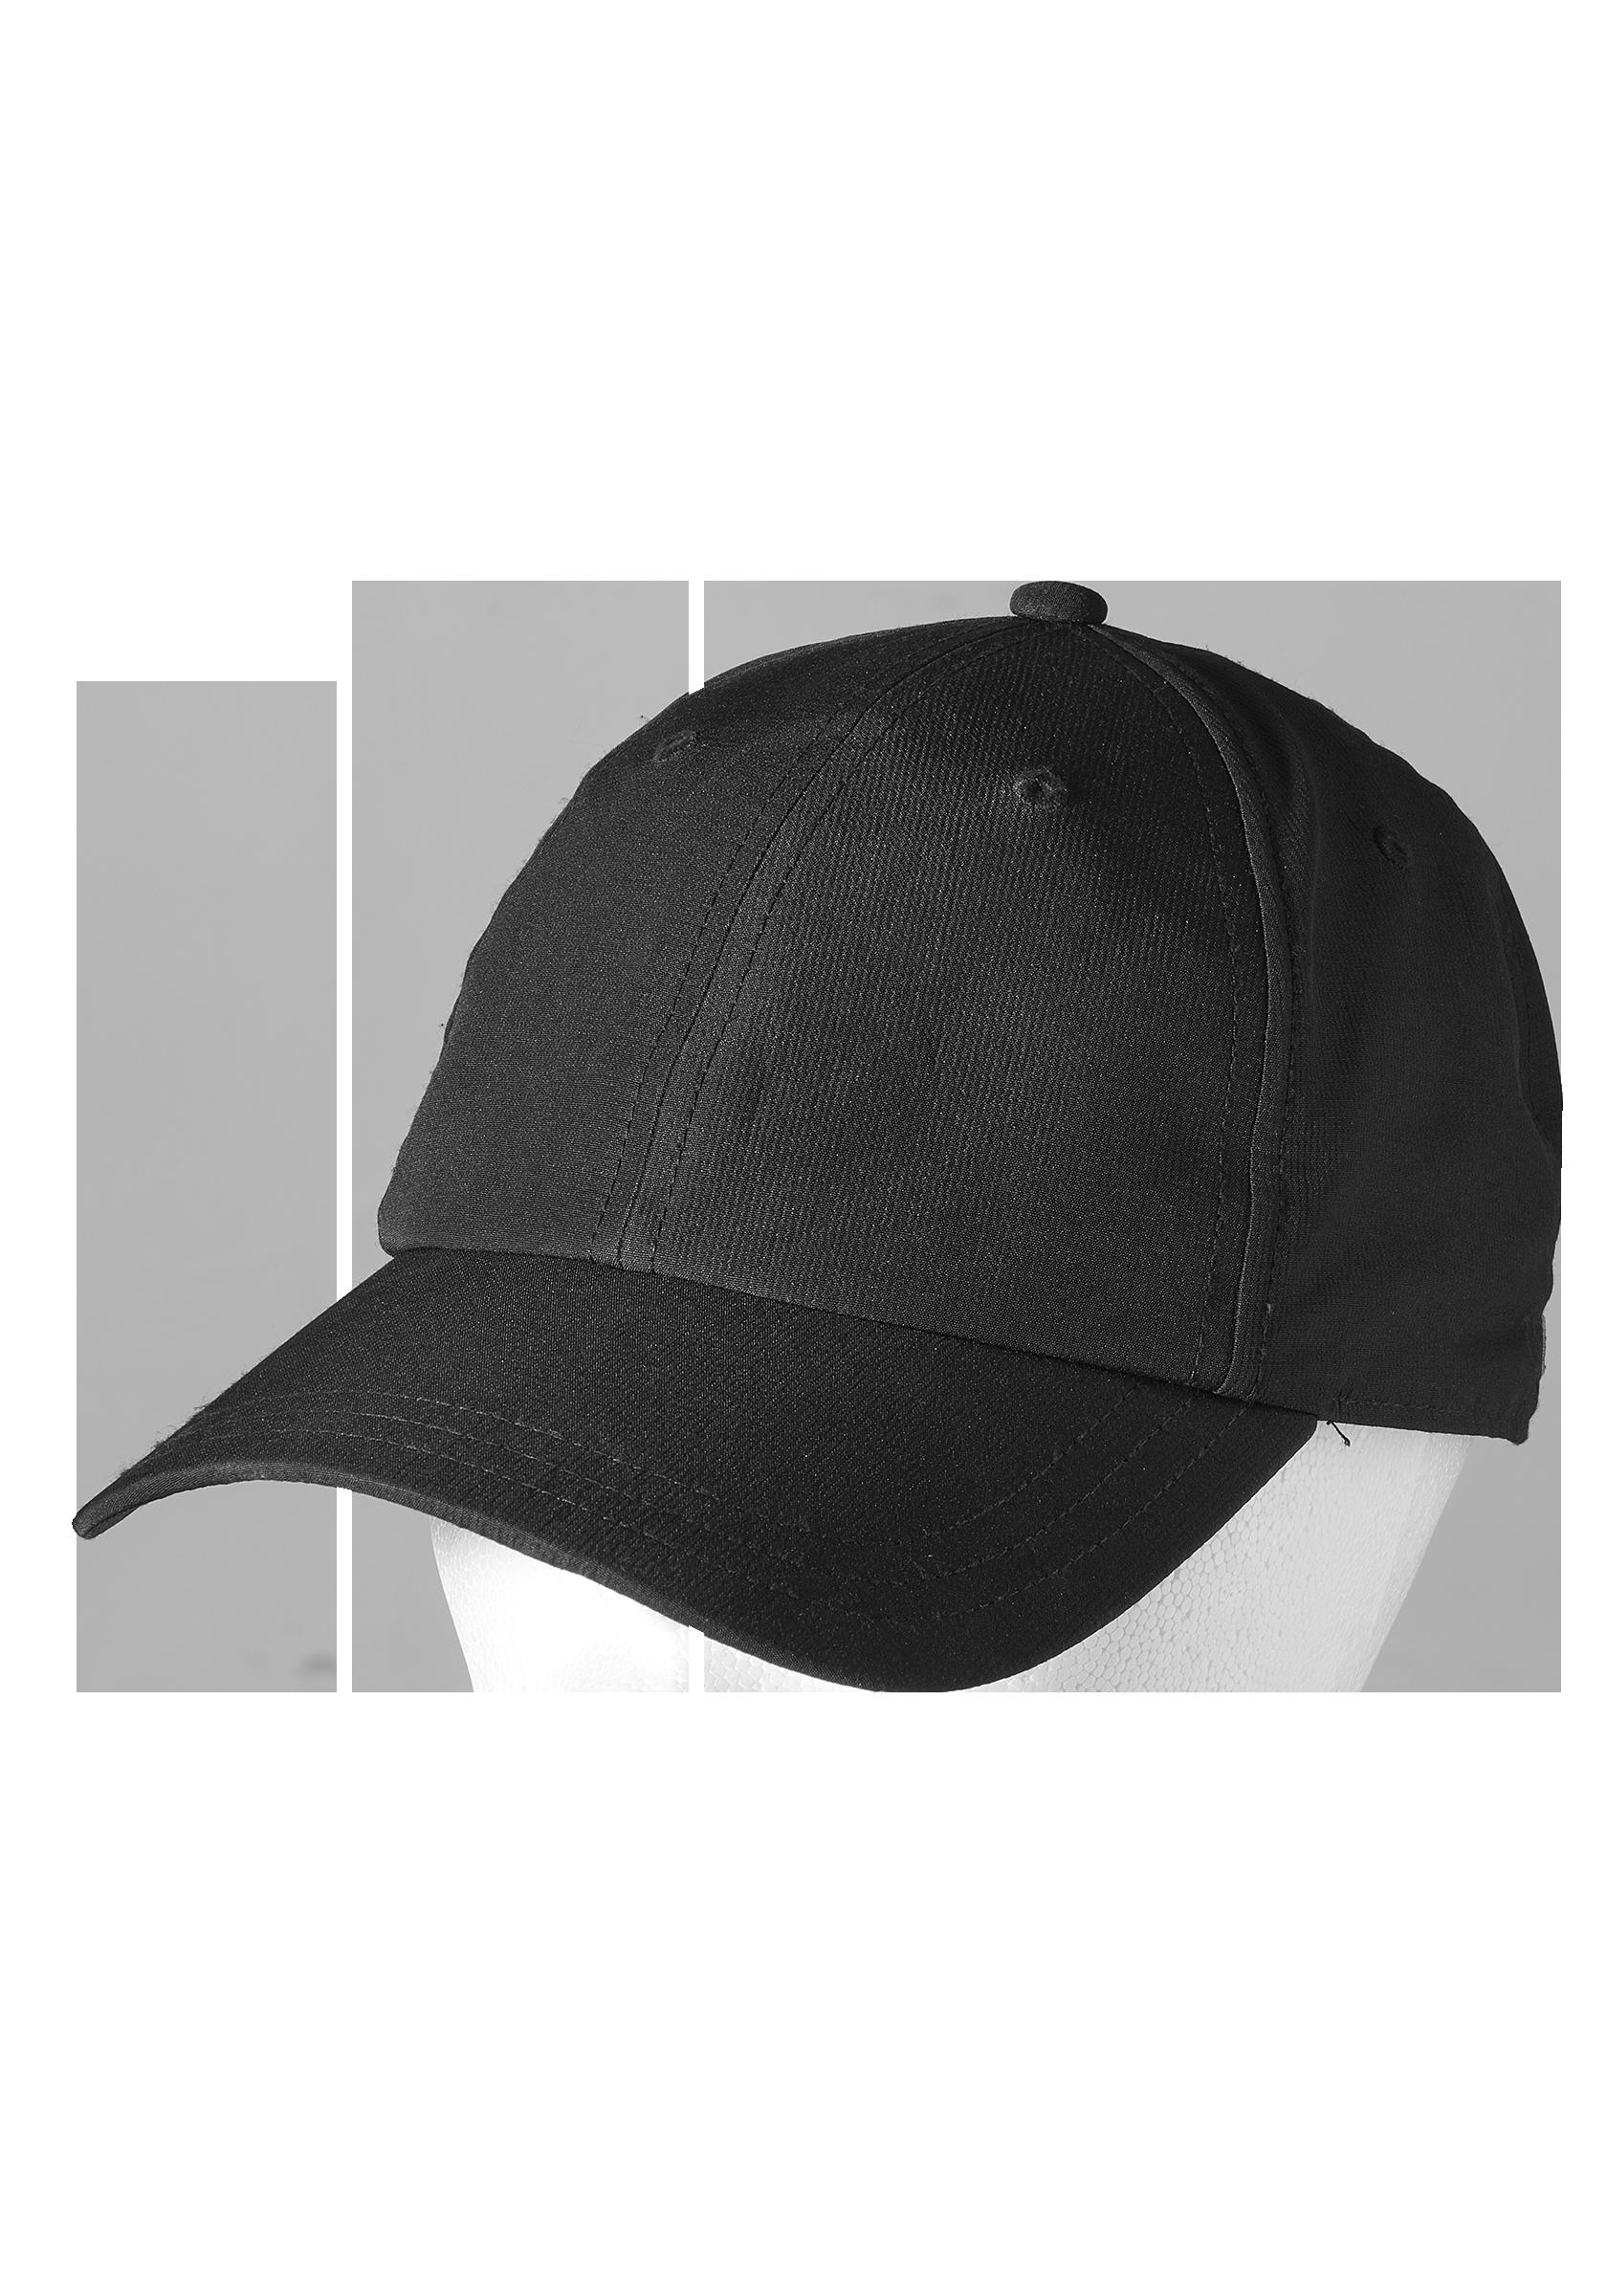 Classic Cap - Black